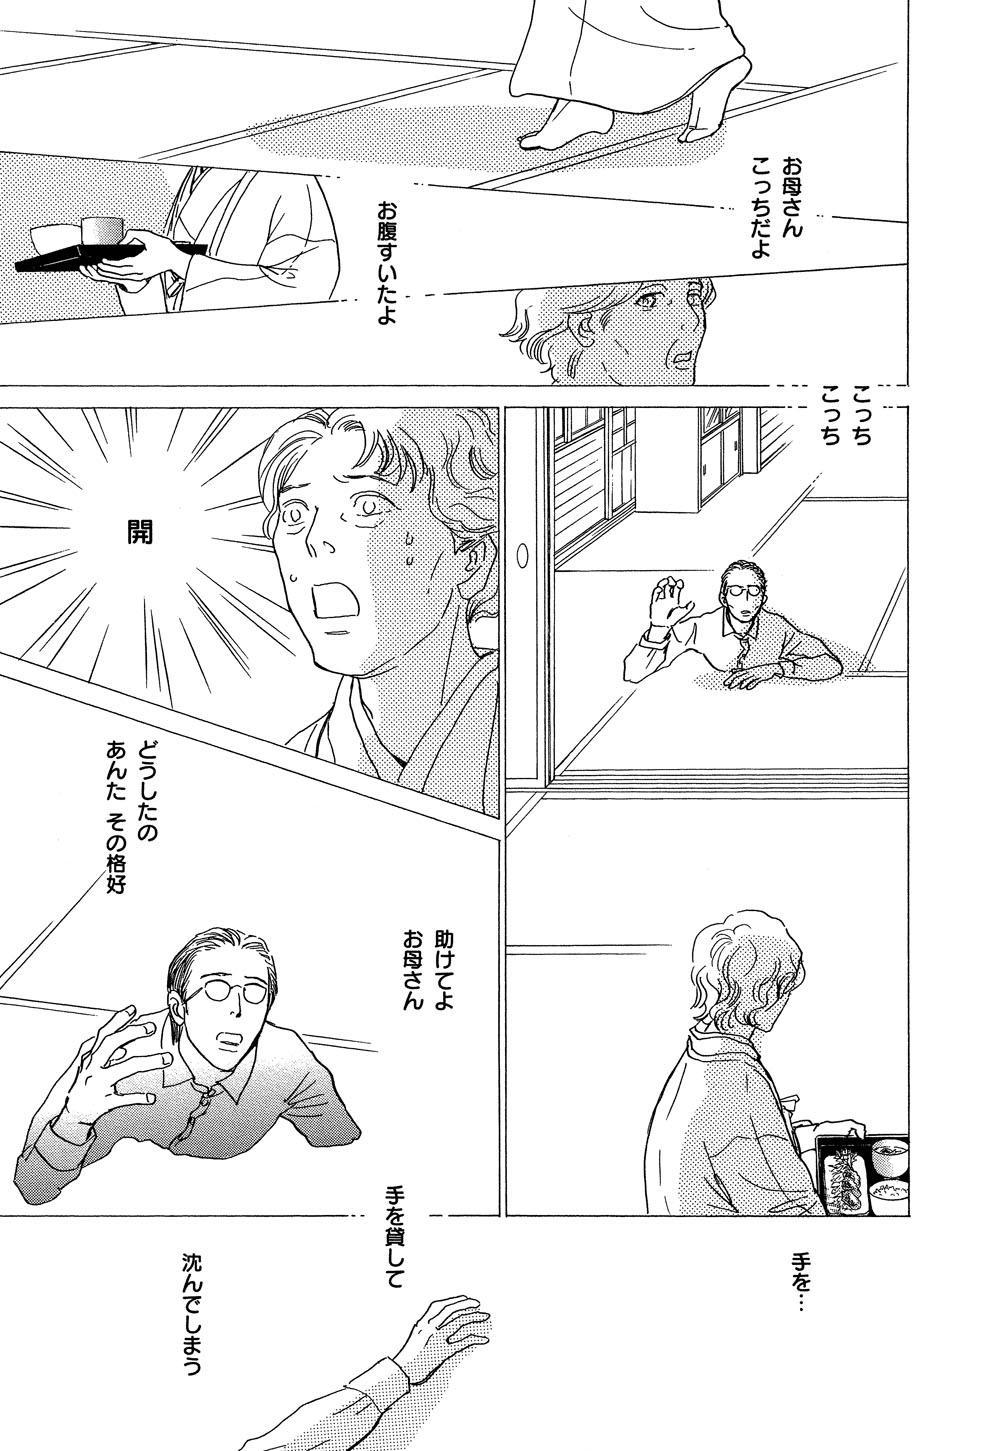 hyakki_0021_0019.jpg